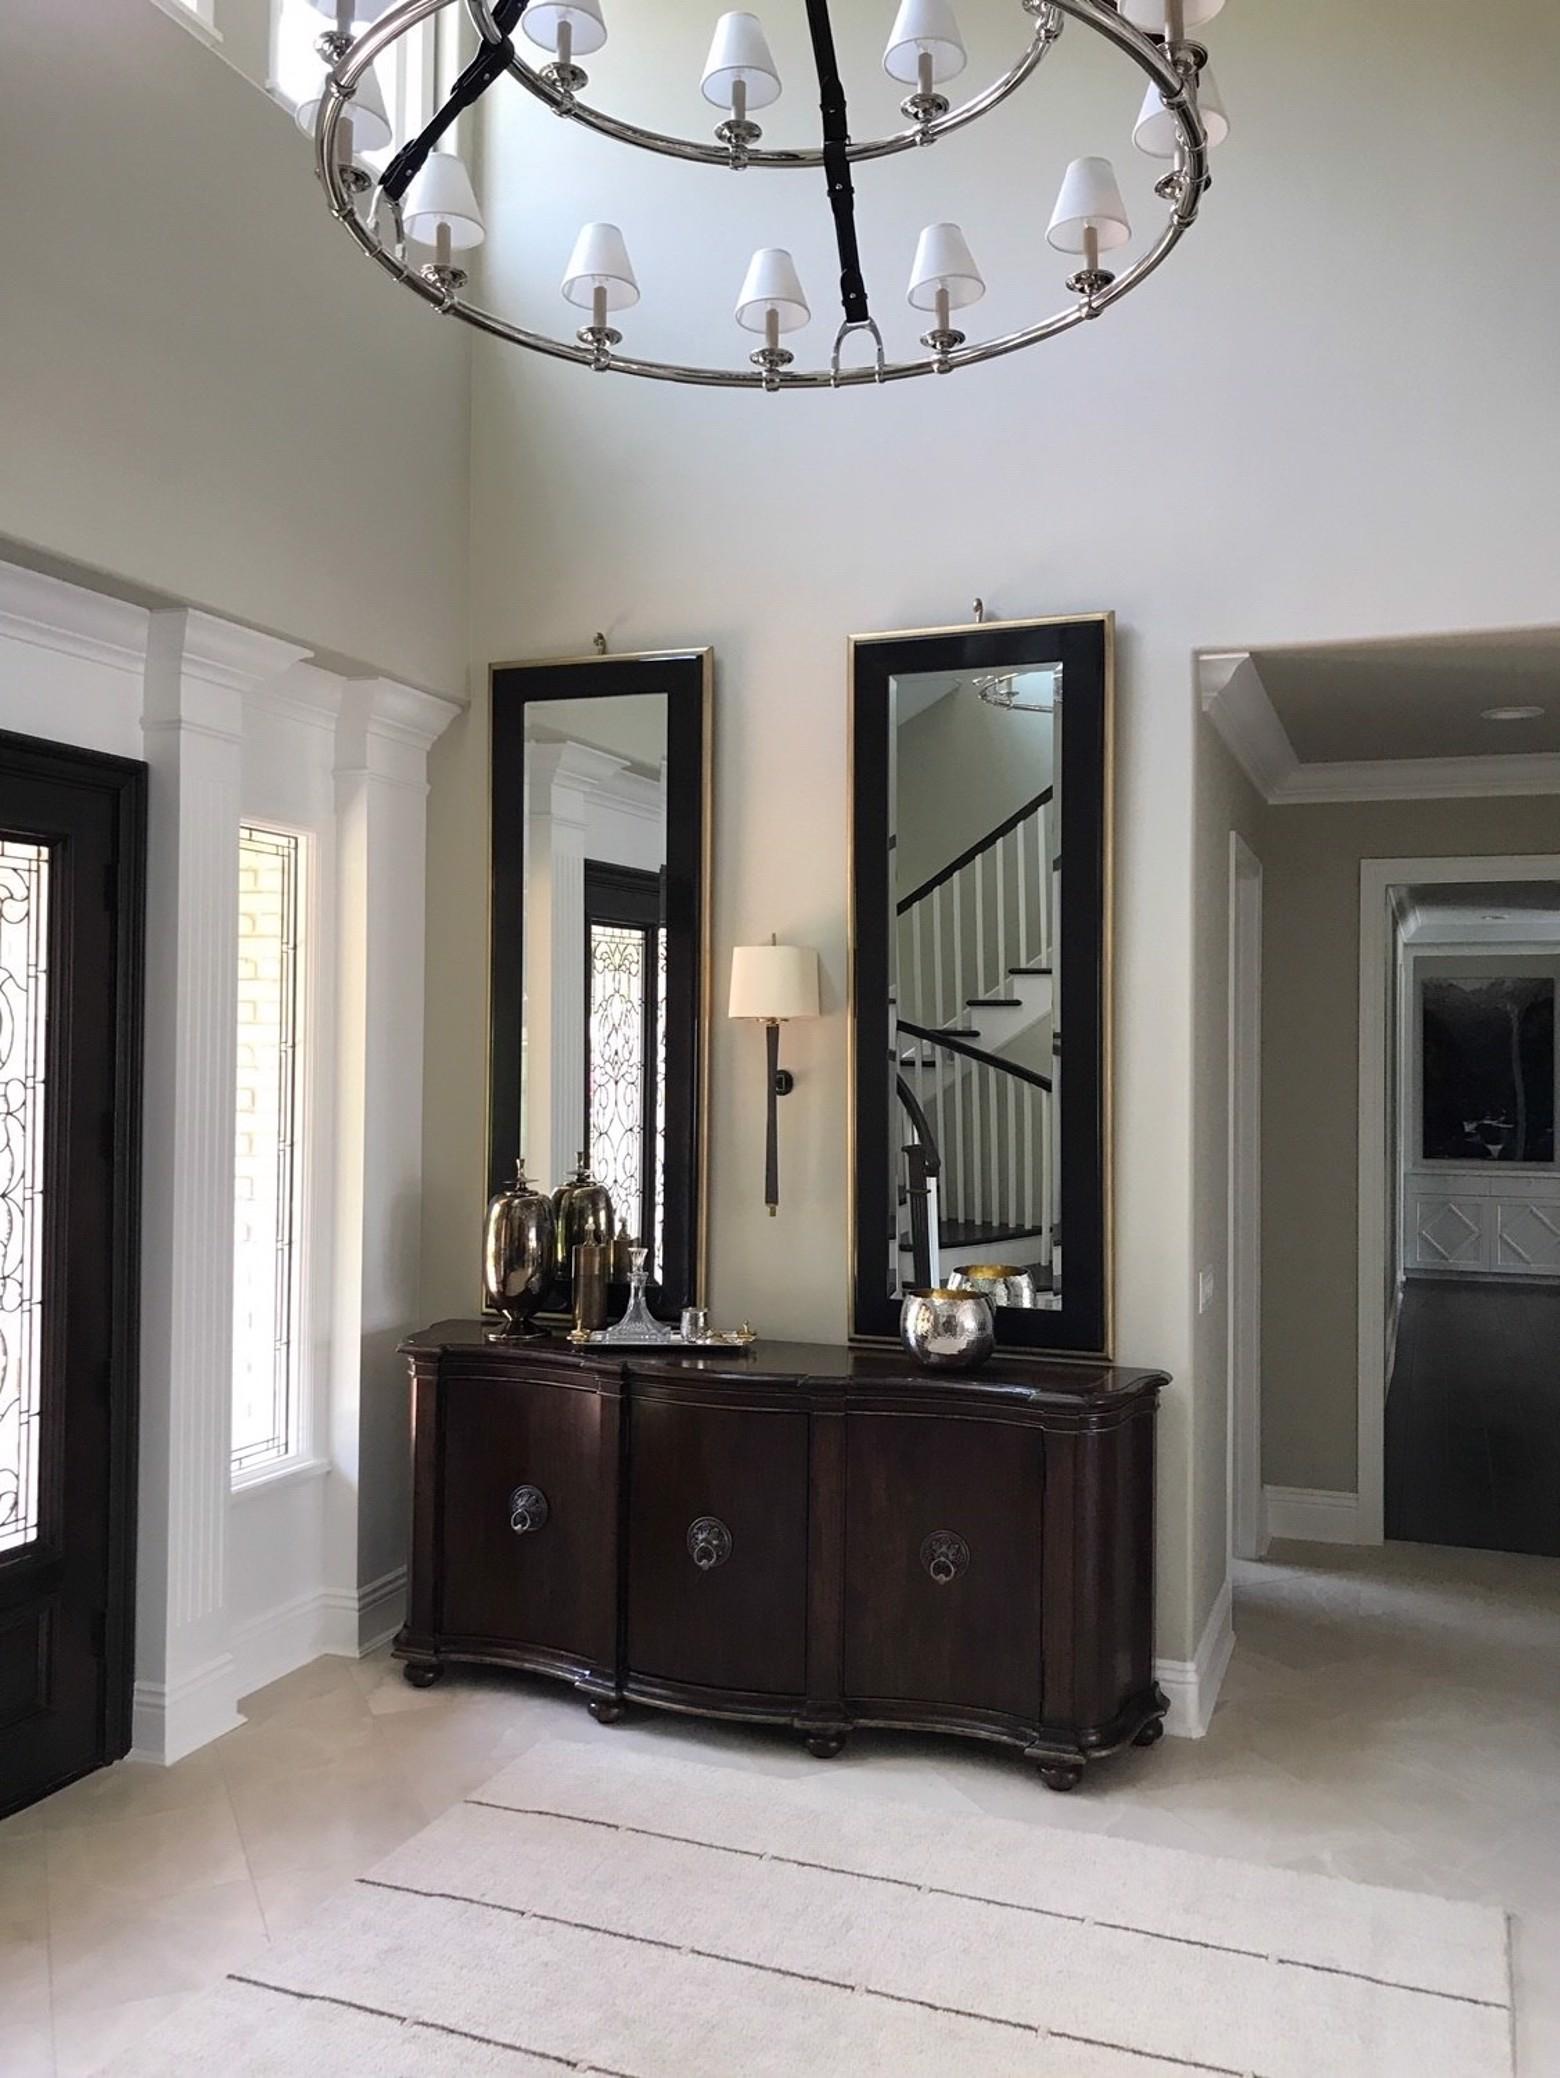 Foyer.jpg image